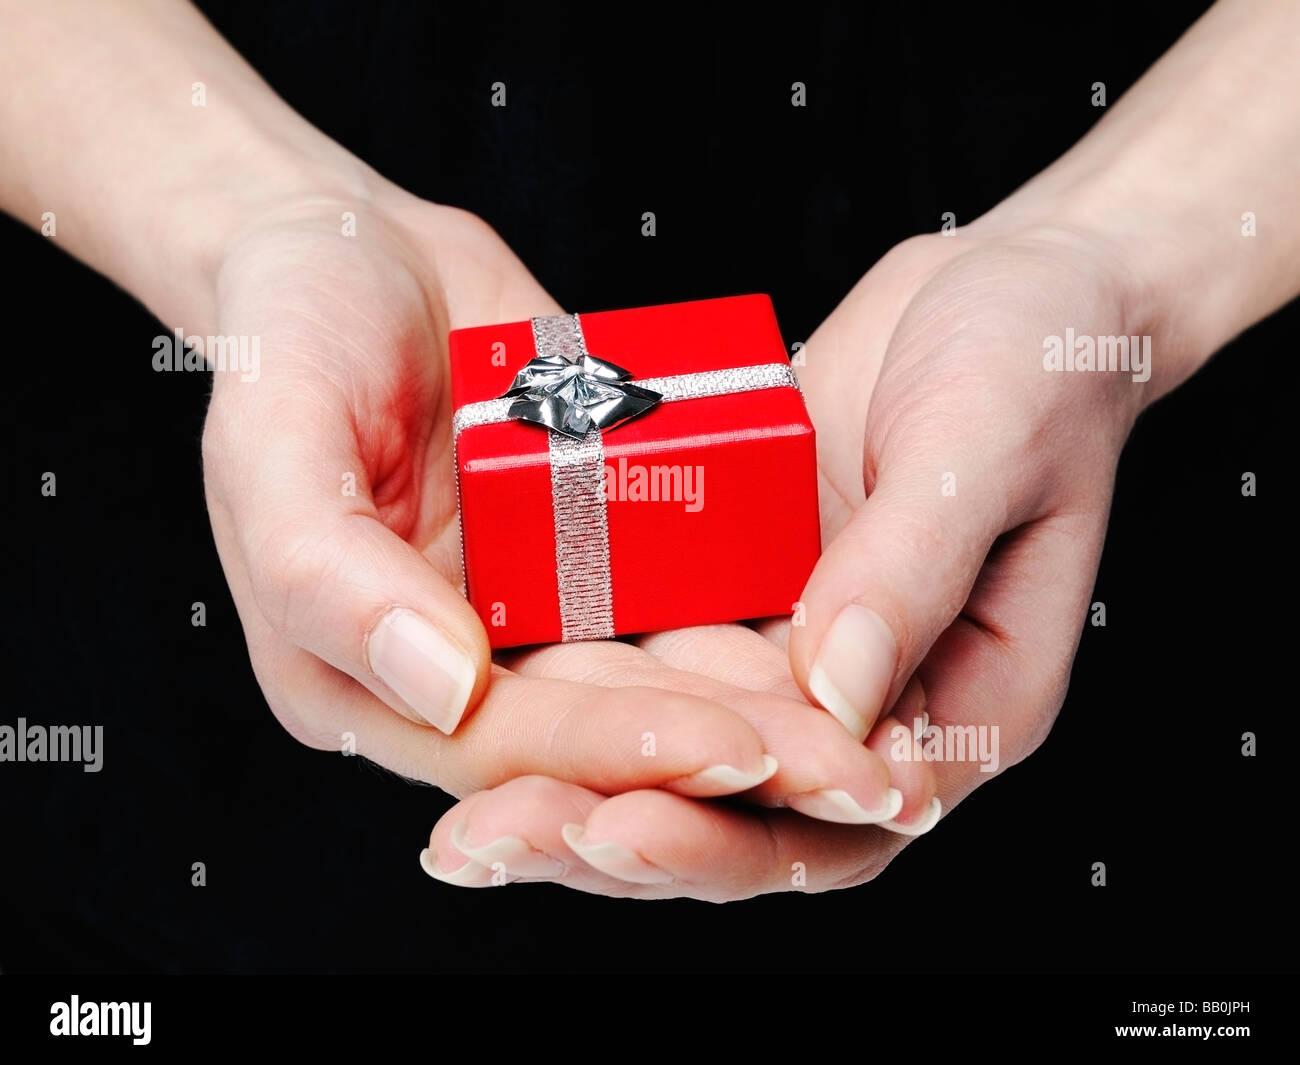 Manos sosteniendo una caja de regalo roja Imagen De Stock